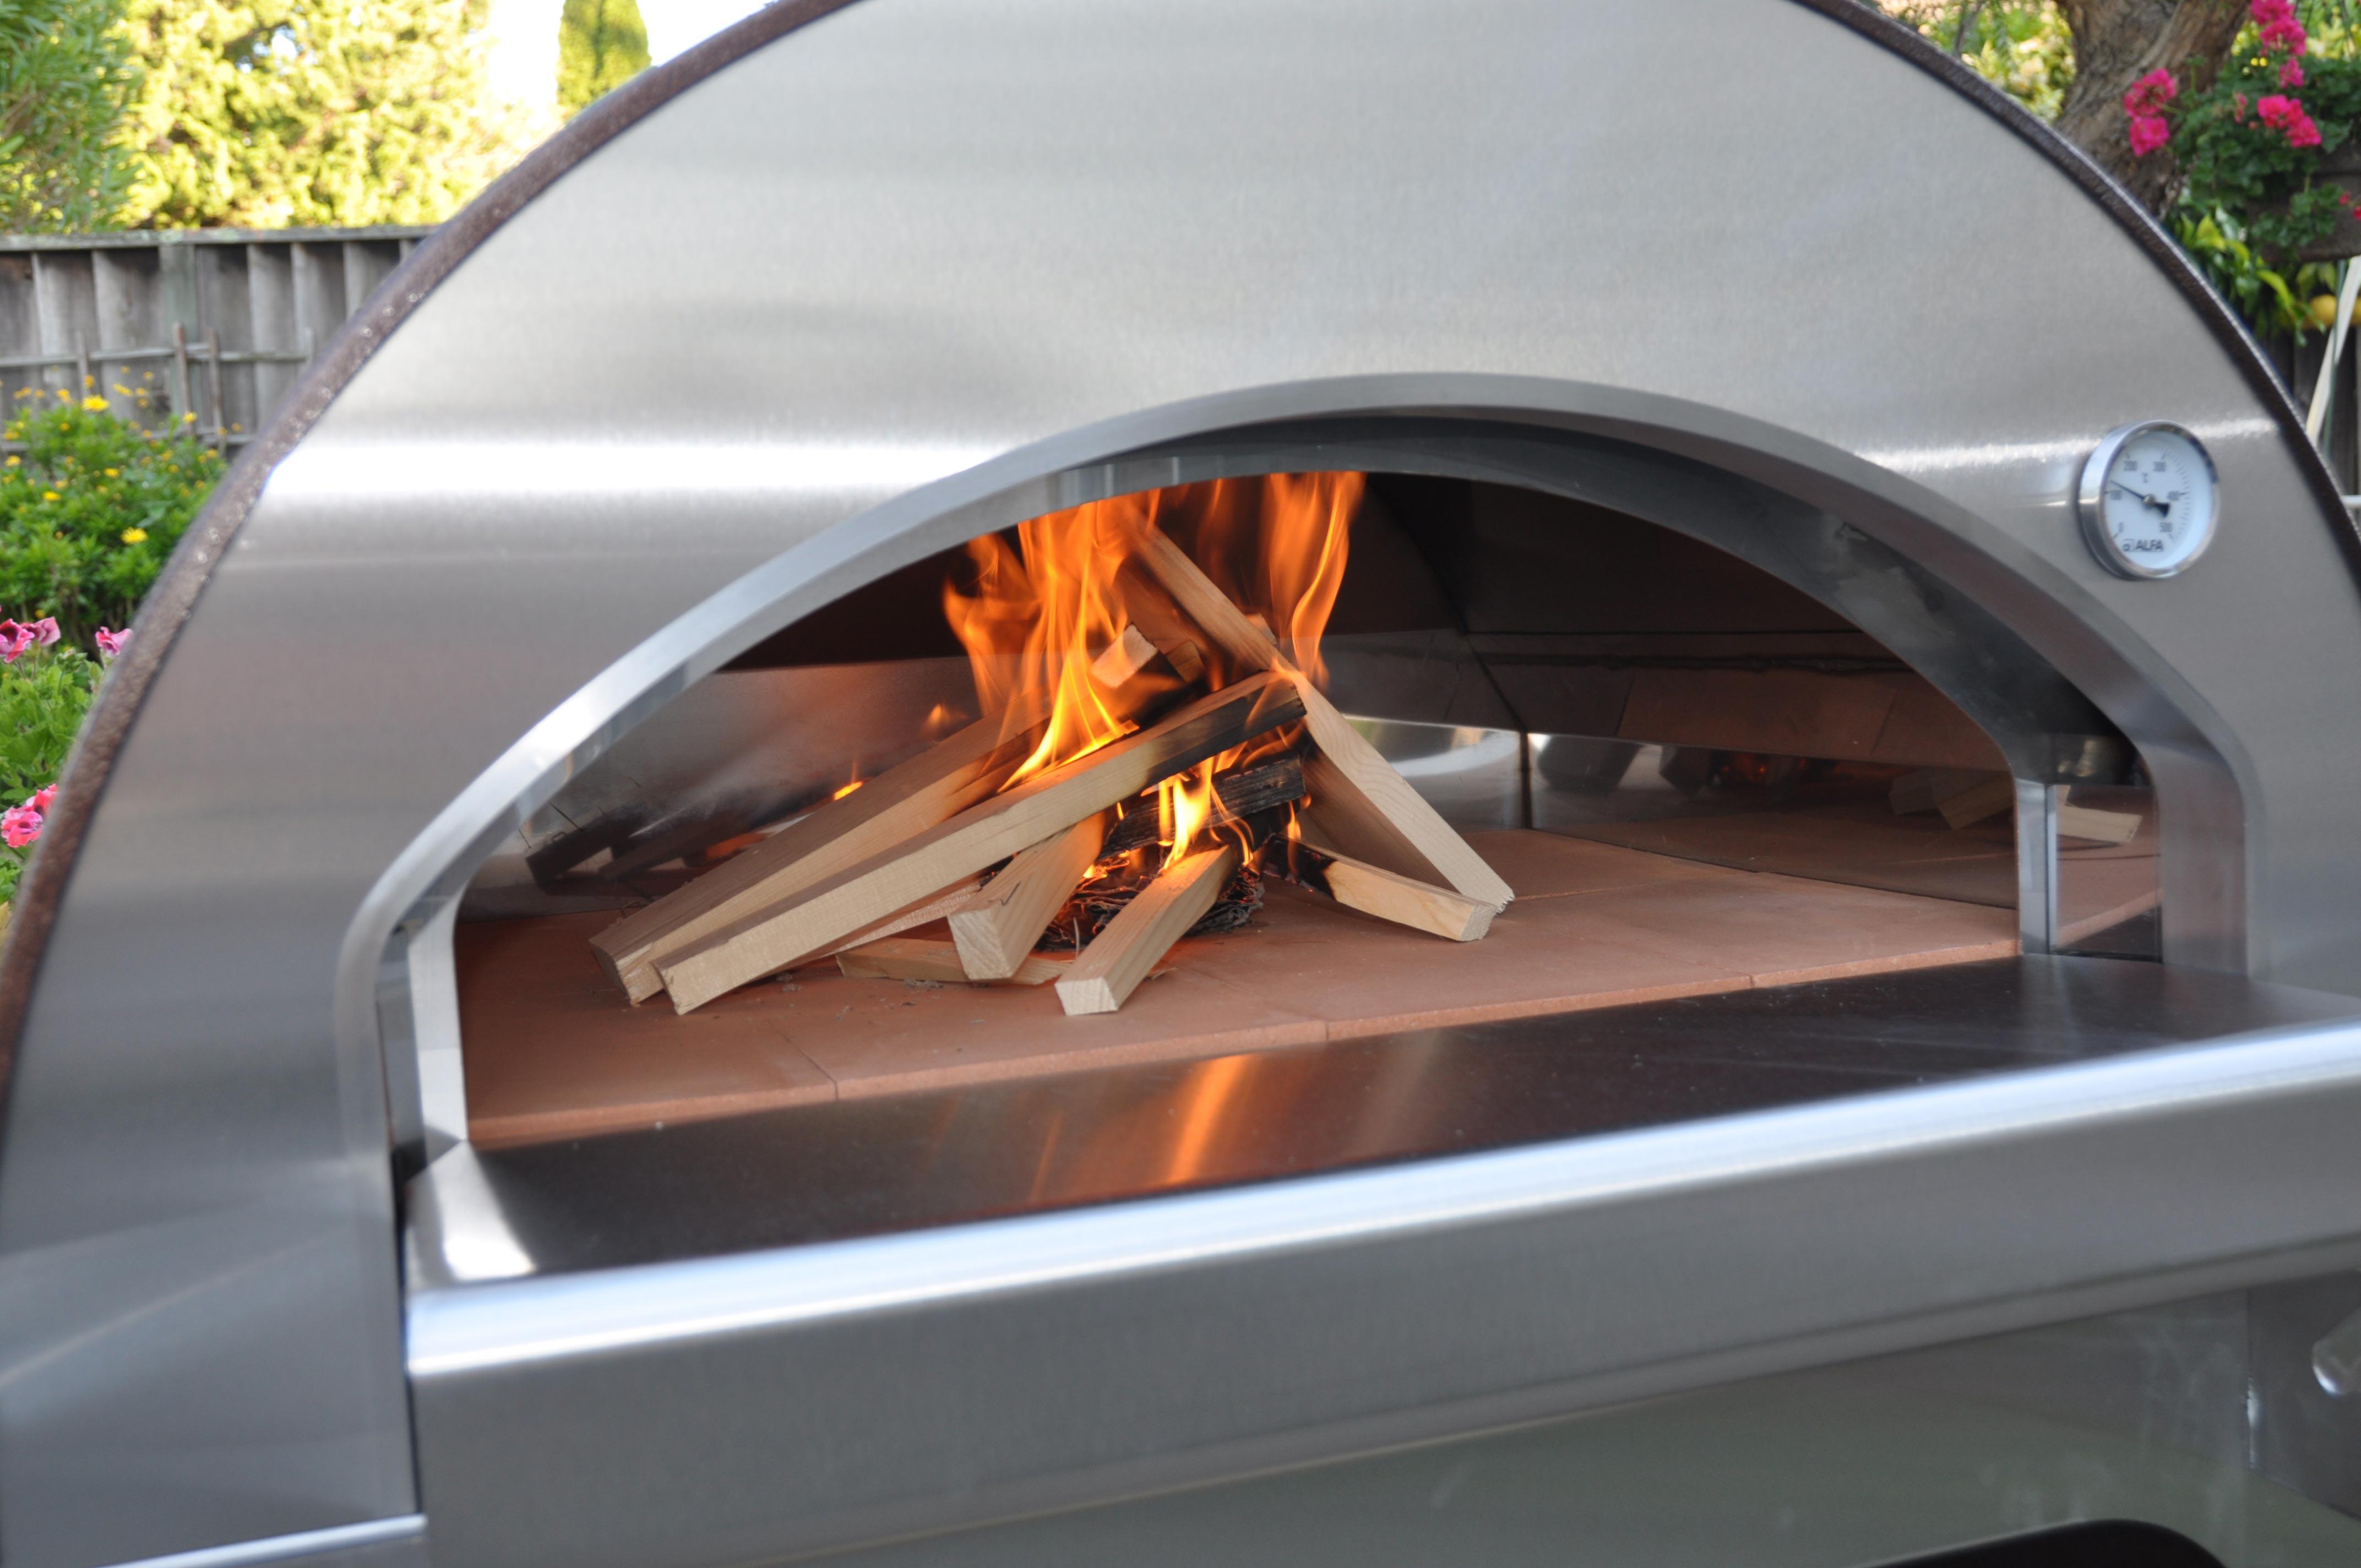 L 39 accensione del forno a legan alfapizza - Temperatura forno a legna pizza ...